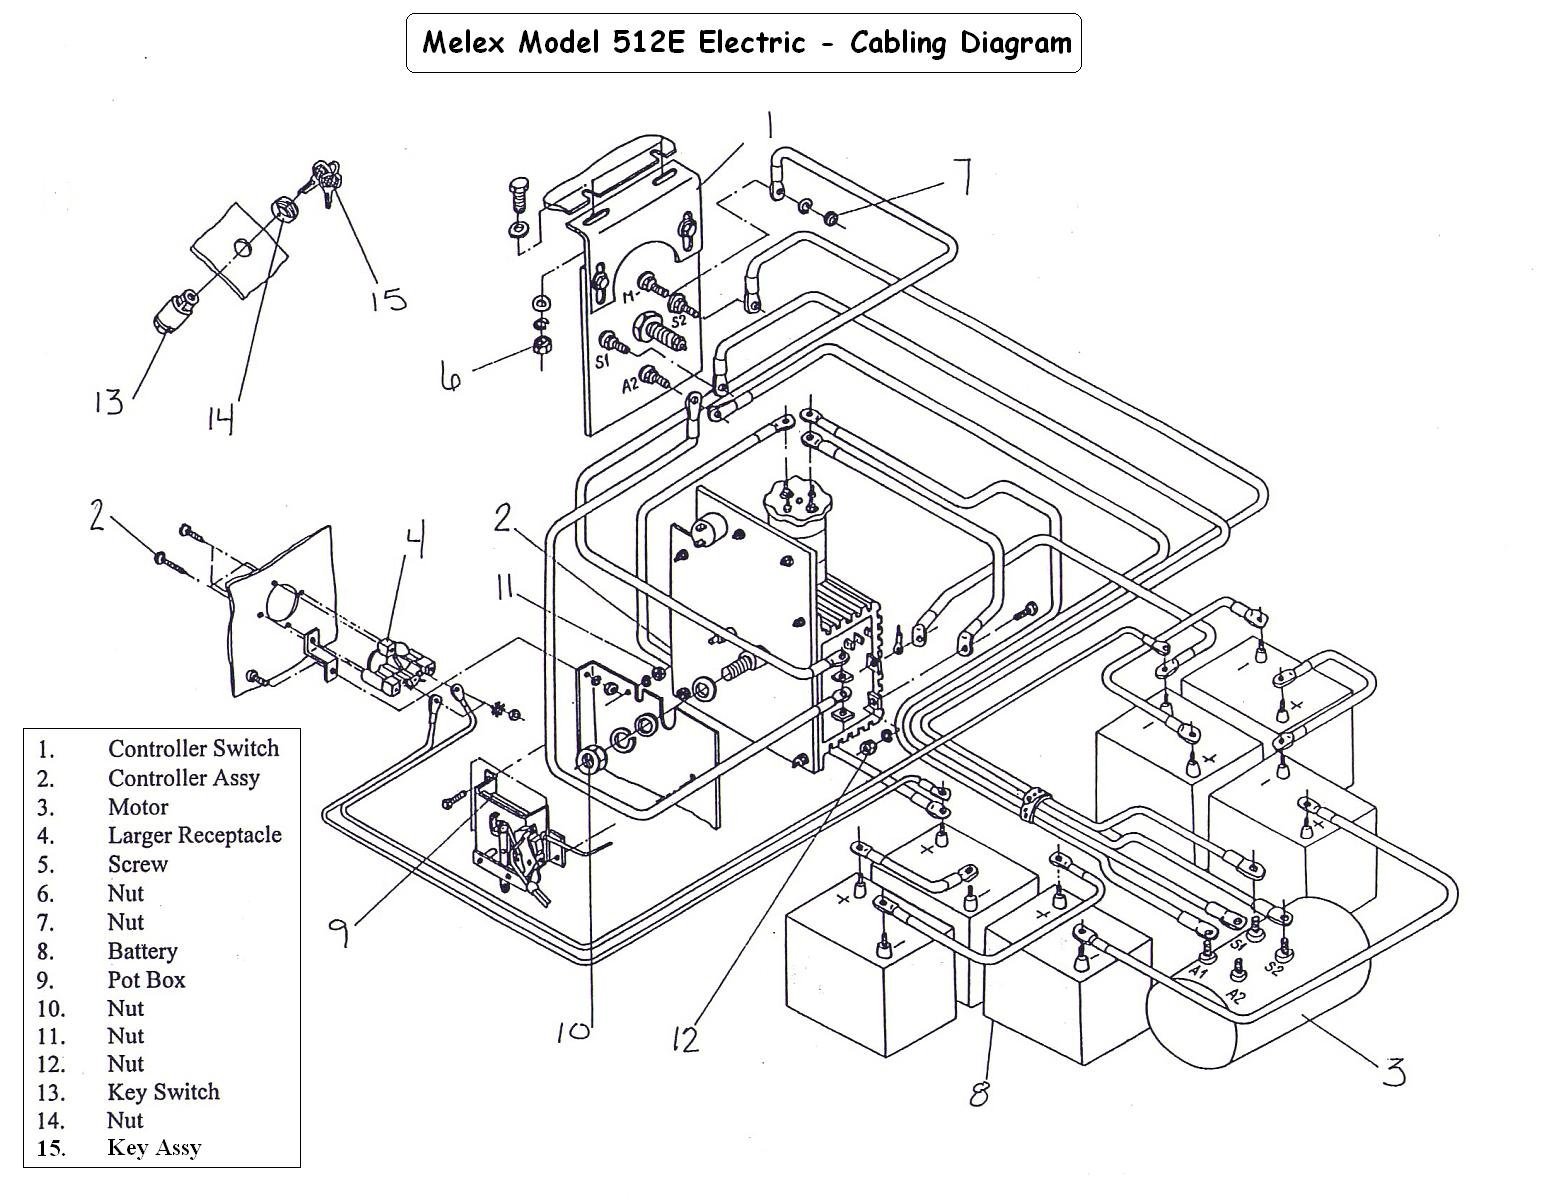 Wiring Diagram For Melex 512 Golf Cart Schematic Diagrams Yamaha Golf Cart  Battery Diagram Melex 212 Wiring Diagram